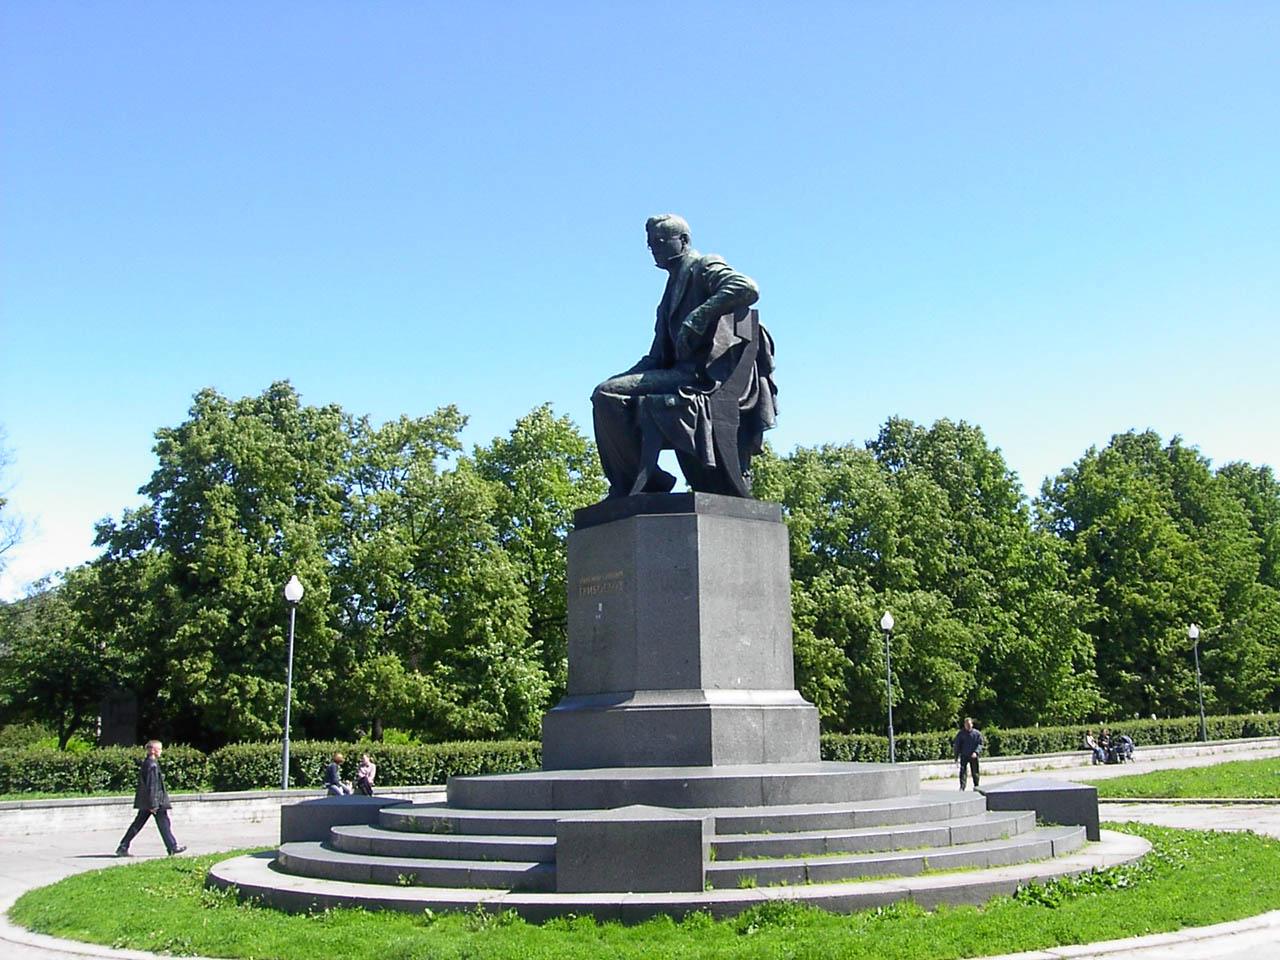 Памятник Грибоедову в Санкт-Петербурге, источник фото: http://s-pb.in/pamyatniki-spb/pamyatnik-griboedovu